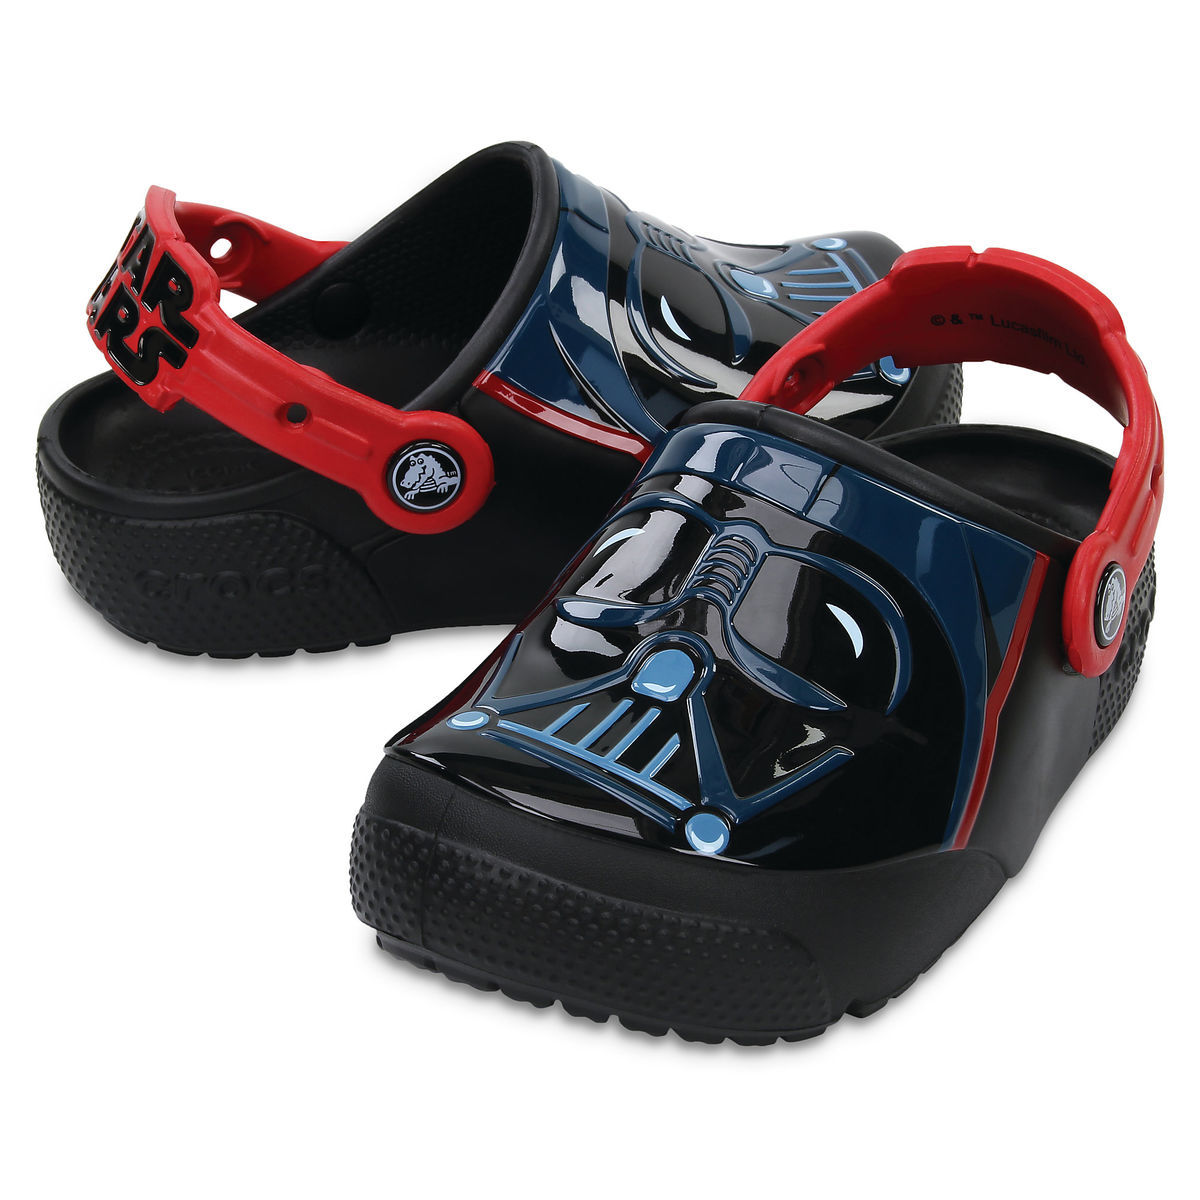 Product Image of Darth Vader Crocs™ Light-Up Clogs for Boys   1 2a1af037a5